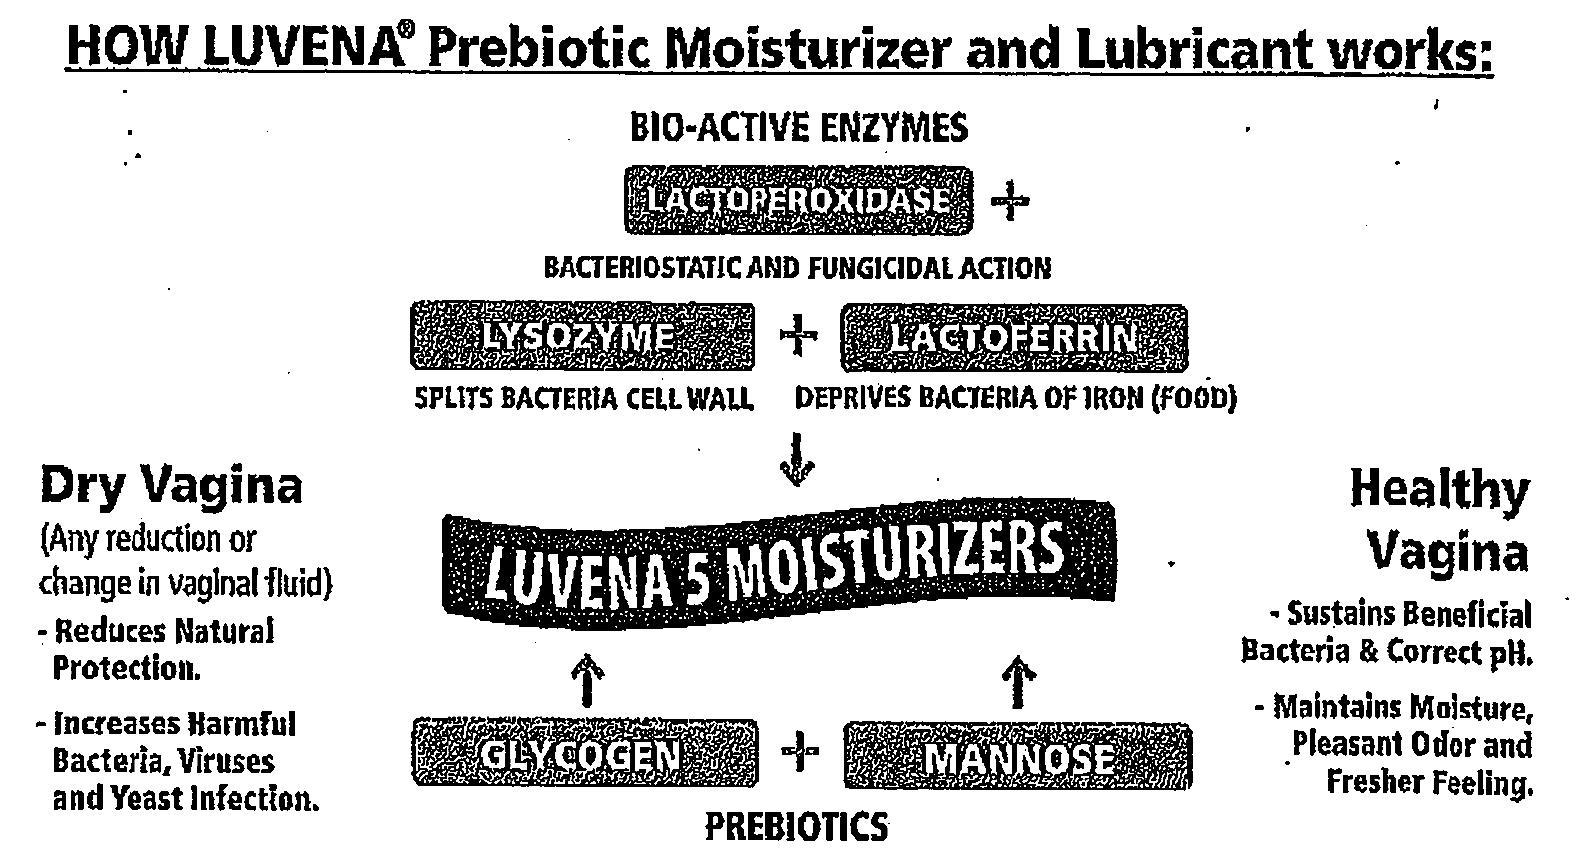 Luvena Lawsuit by FDA Seeks to Curtail Sales